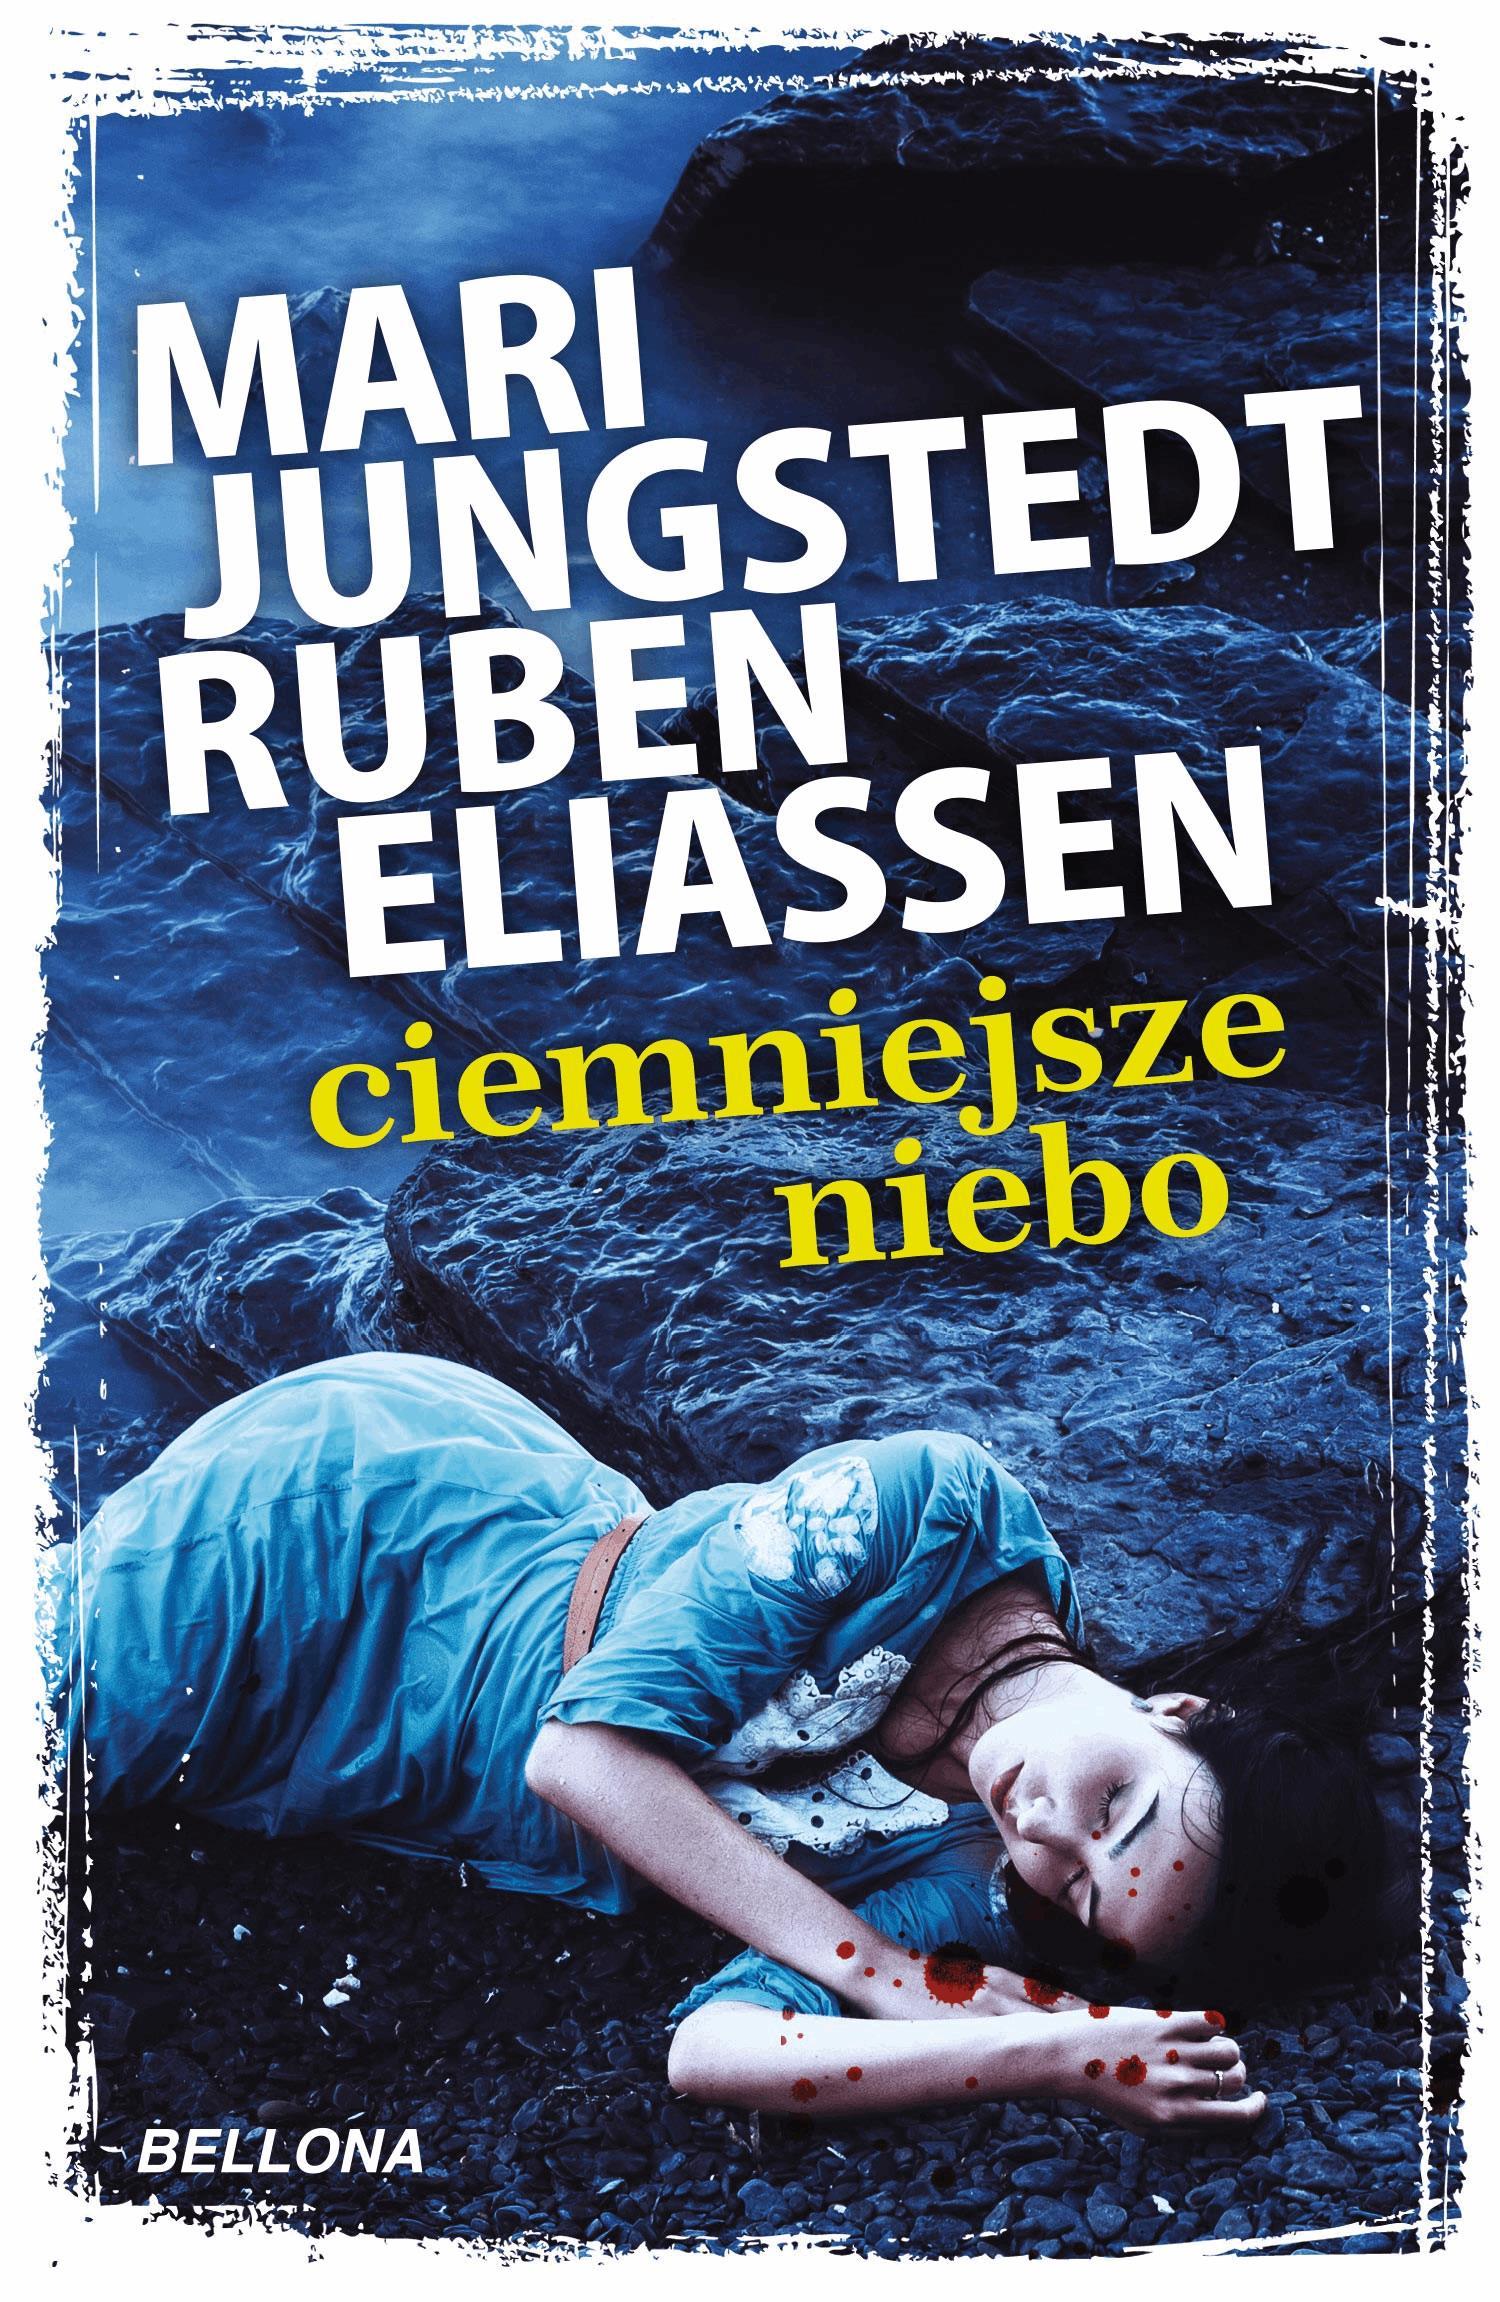 Ciemniejsze niebo - Tylko w Legimi możesz przeczytać ten tytuł przez 7 dni za darmo. - Mari Jungstedt